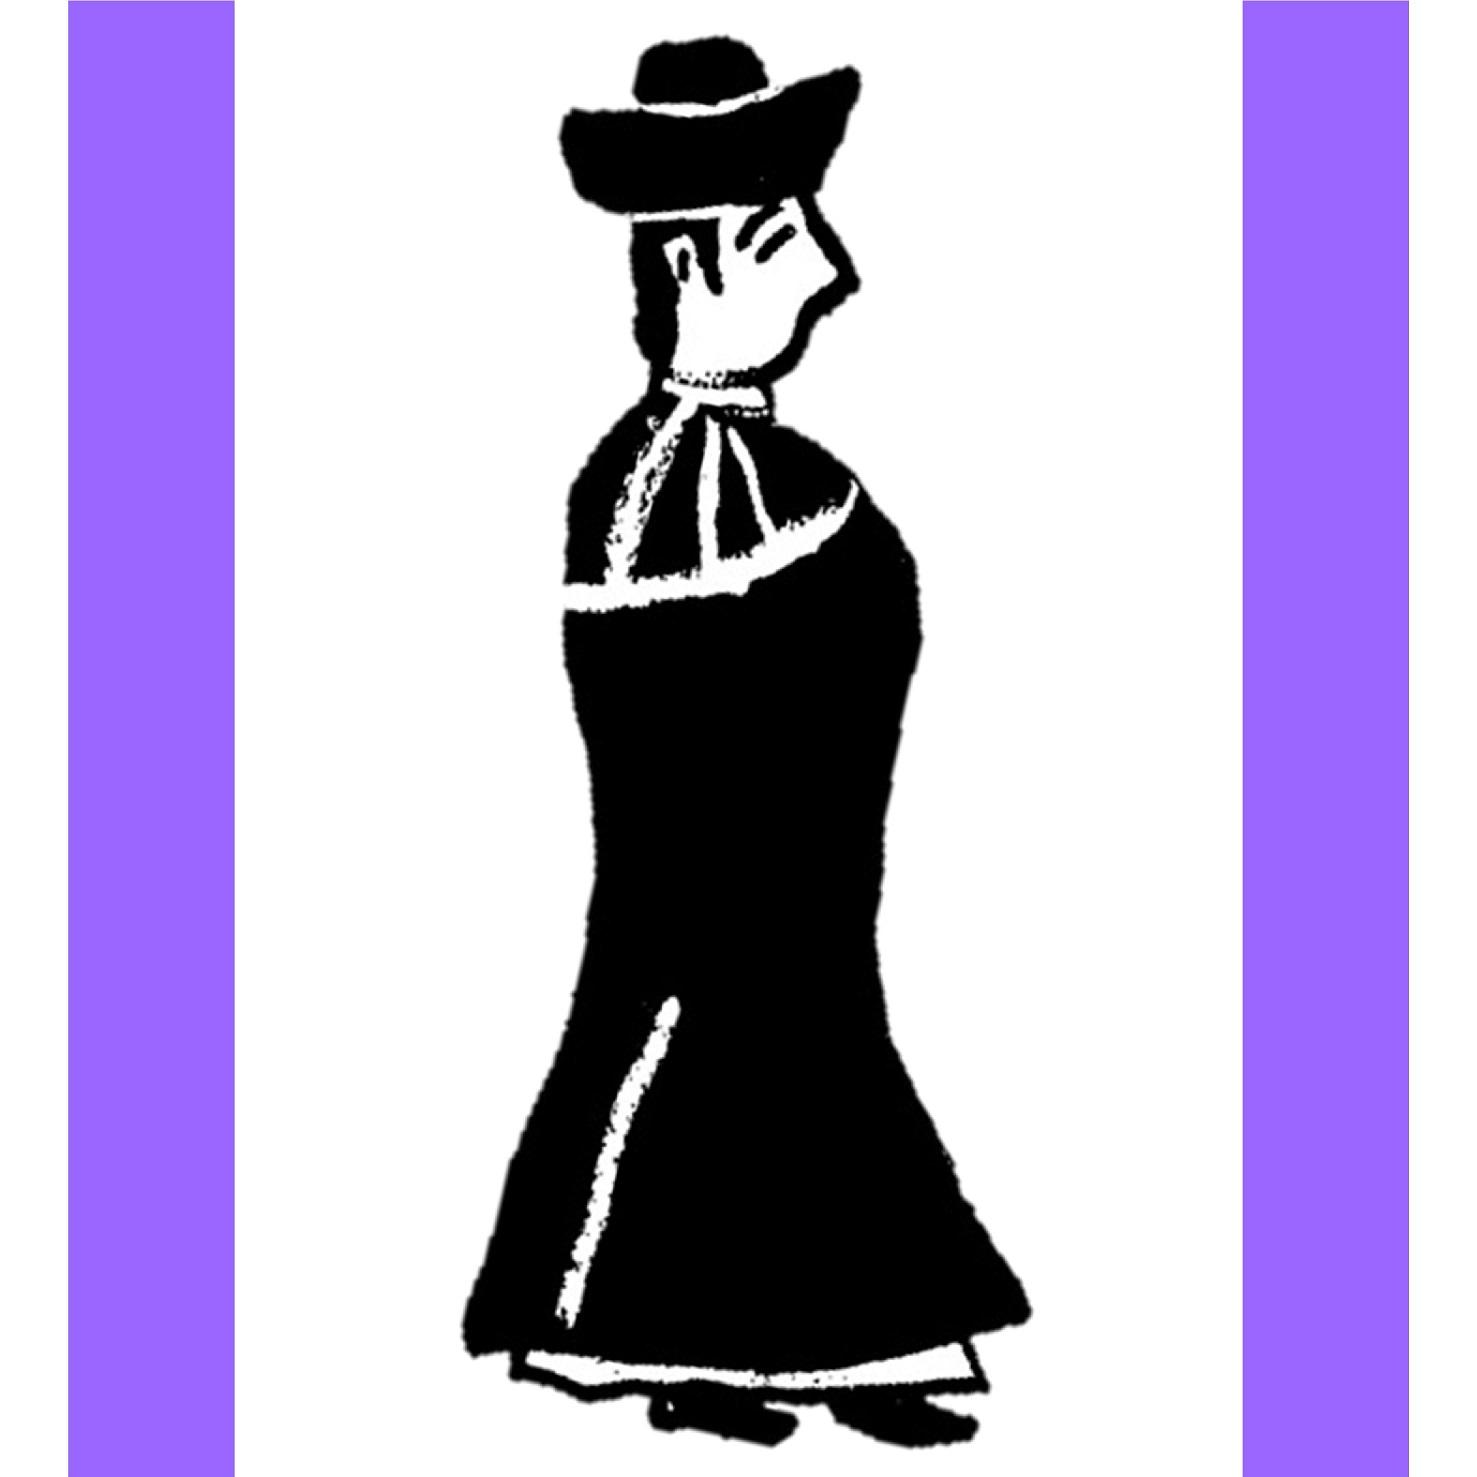 【送料無料】ペンケース(紫)※お届け日時指定不可※